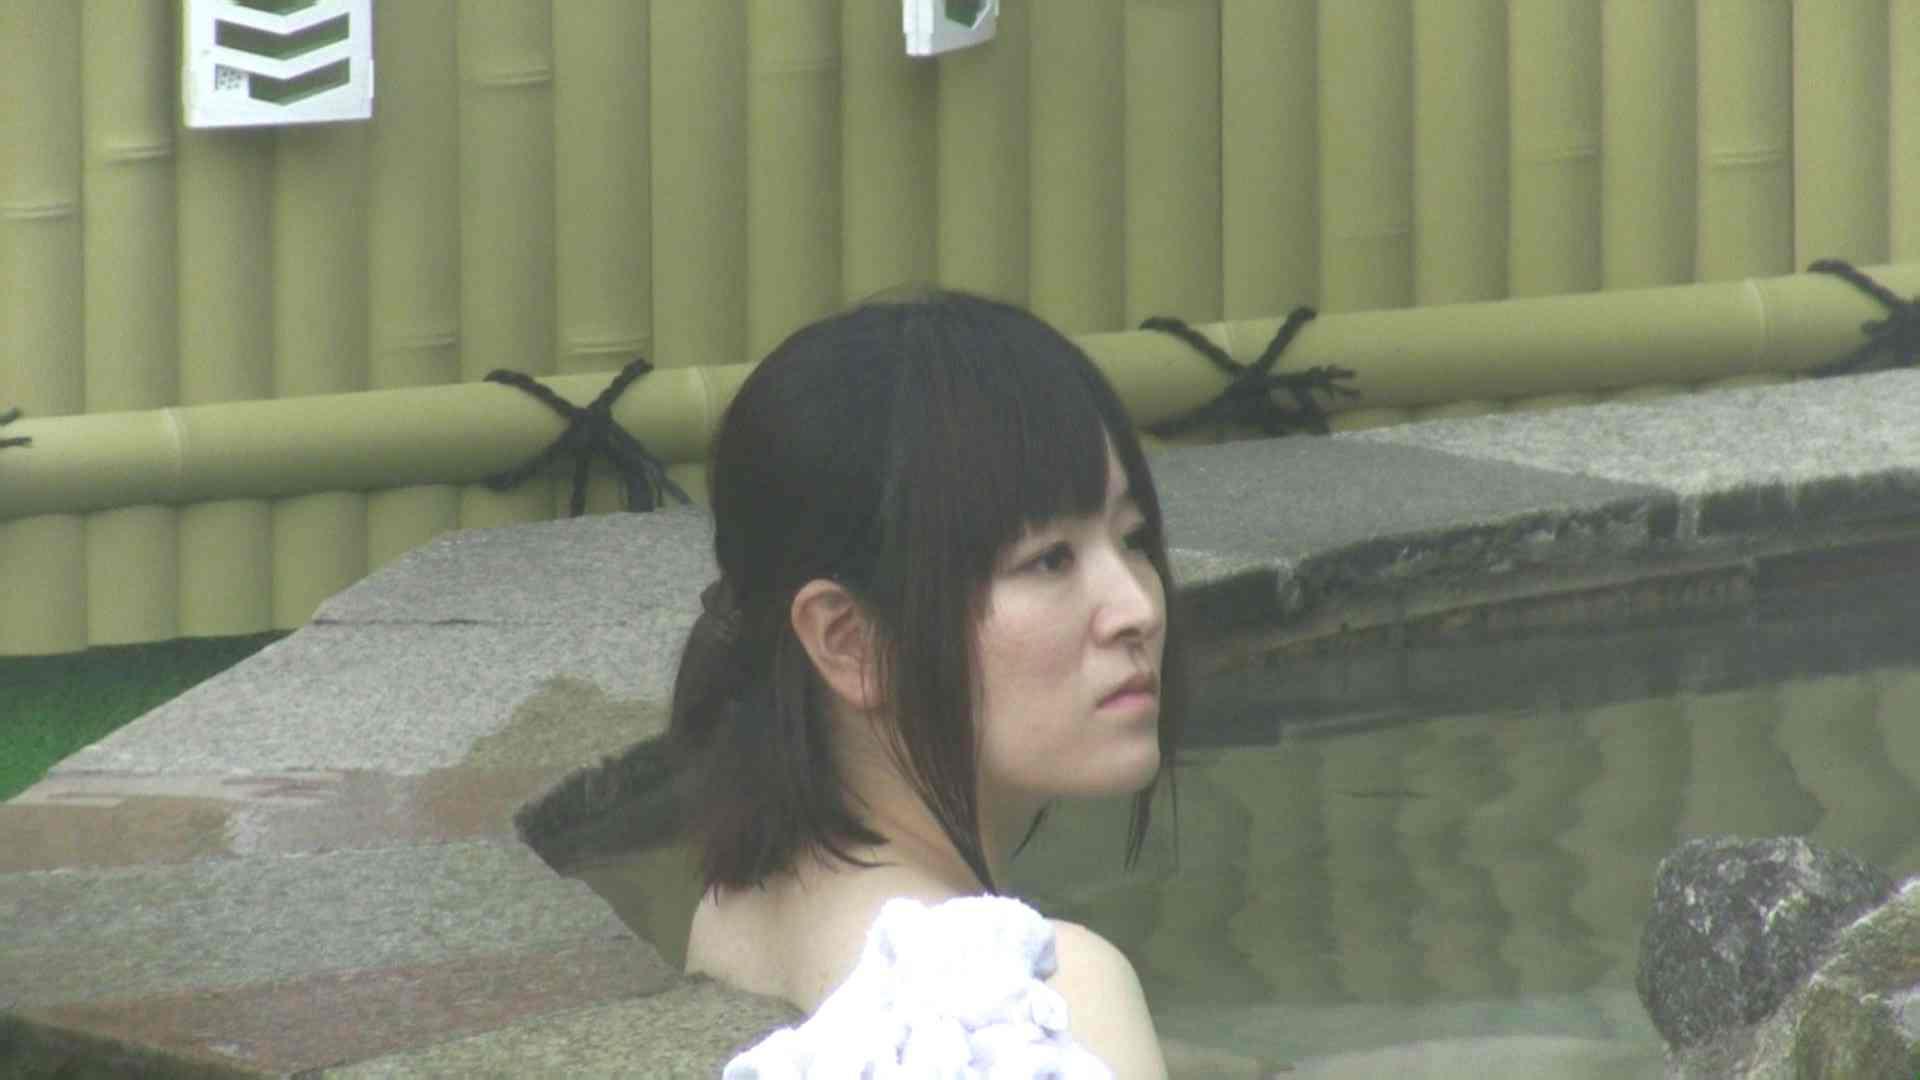 Aquaな露天風呂Vol.606 盗撮  110枚 3